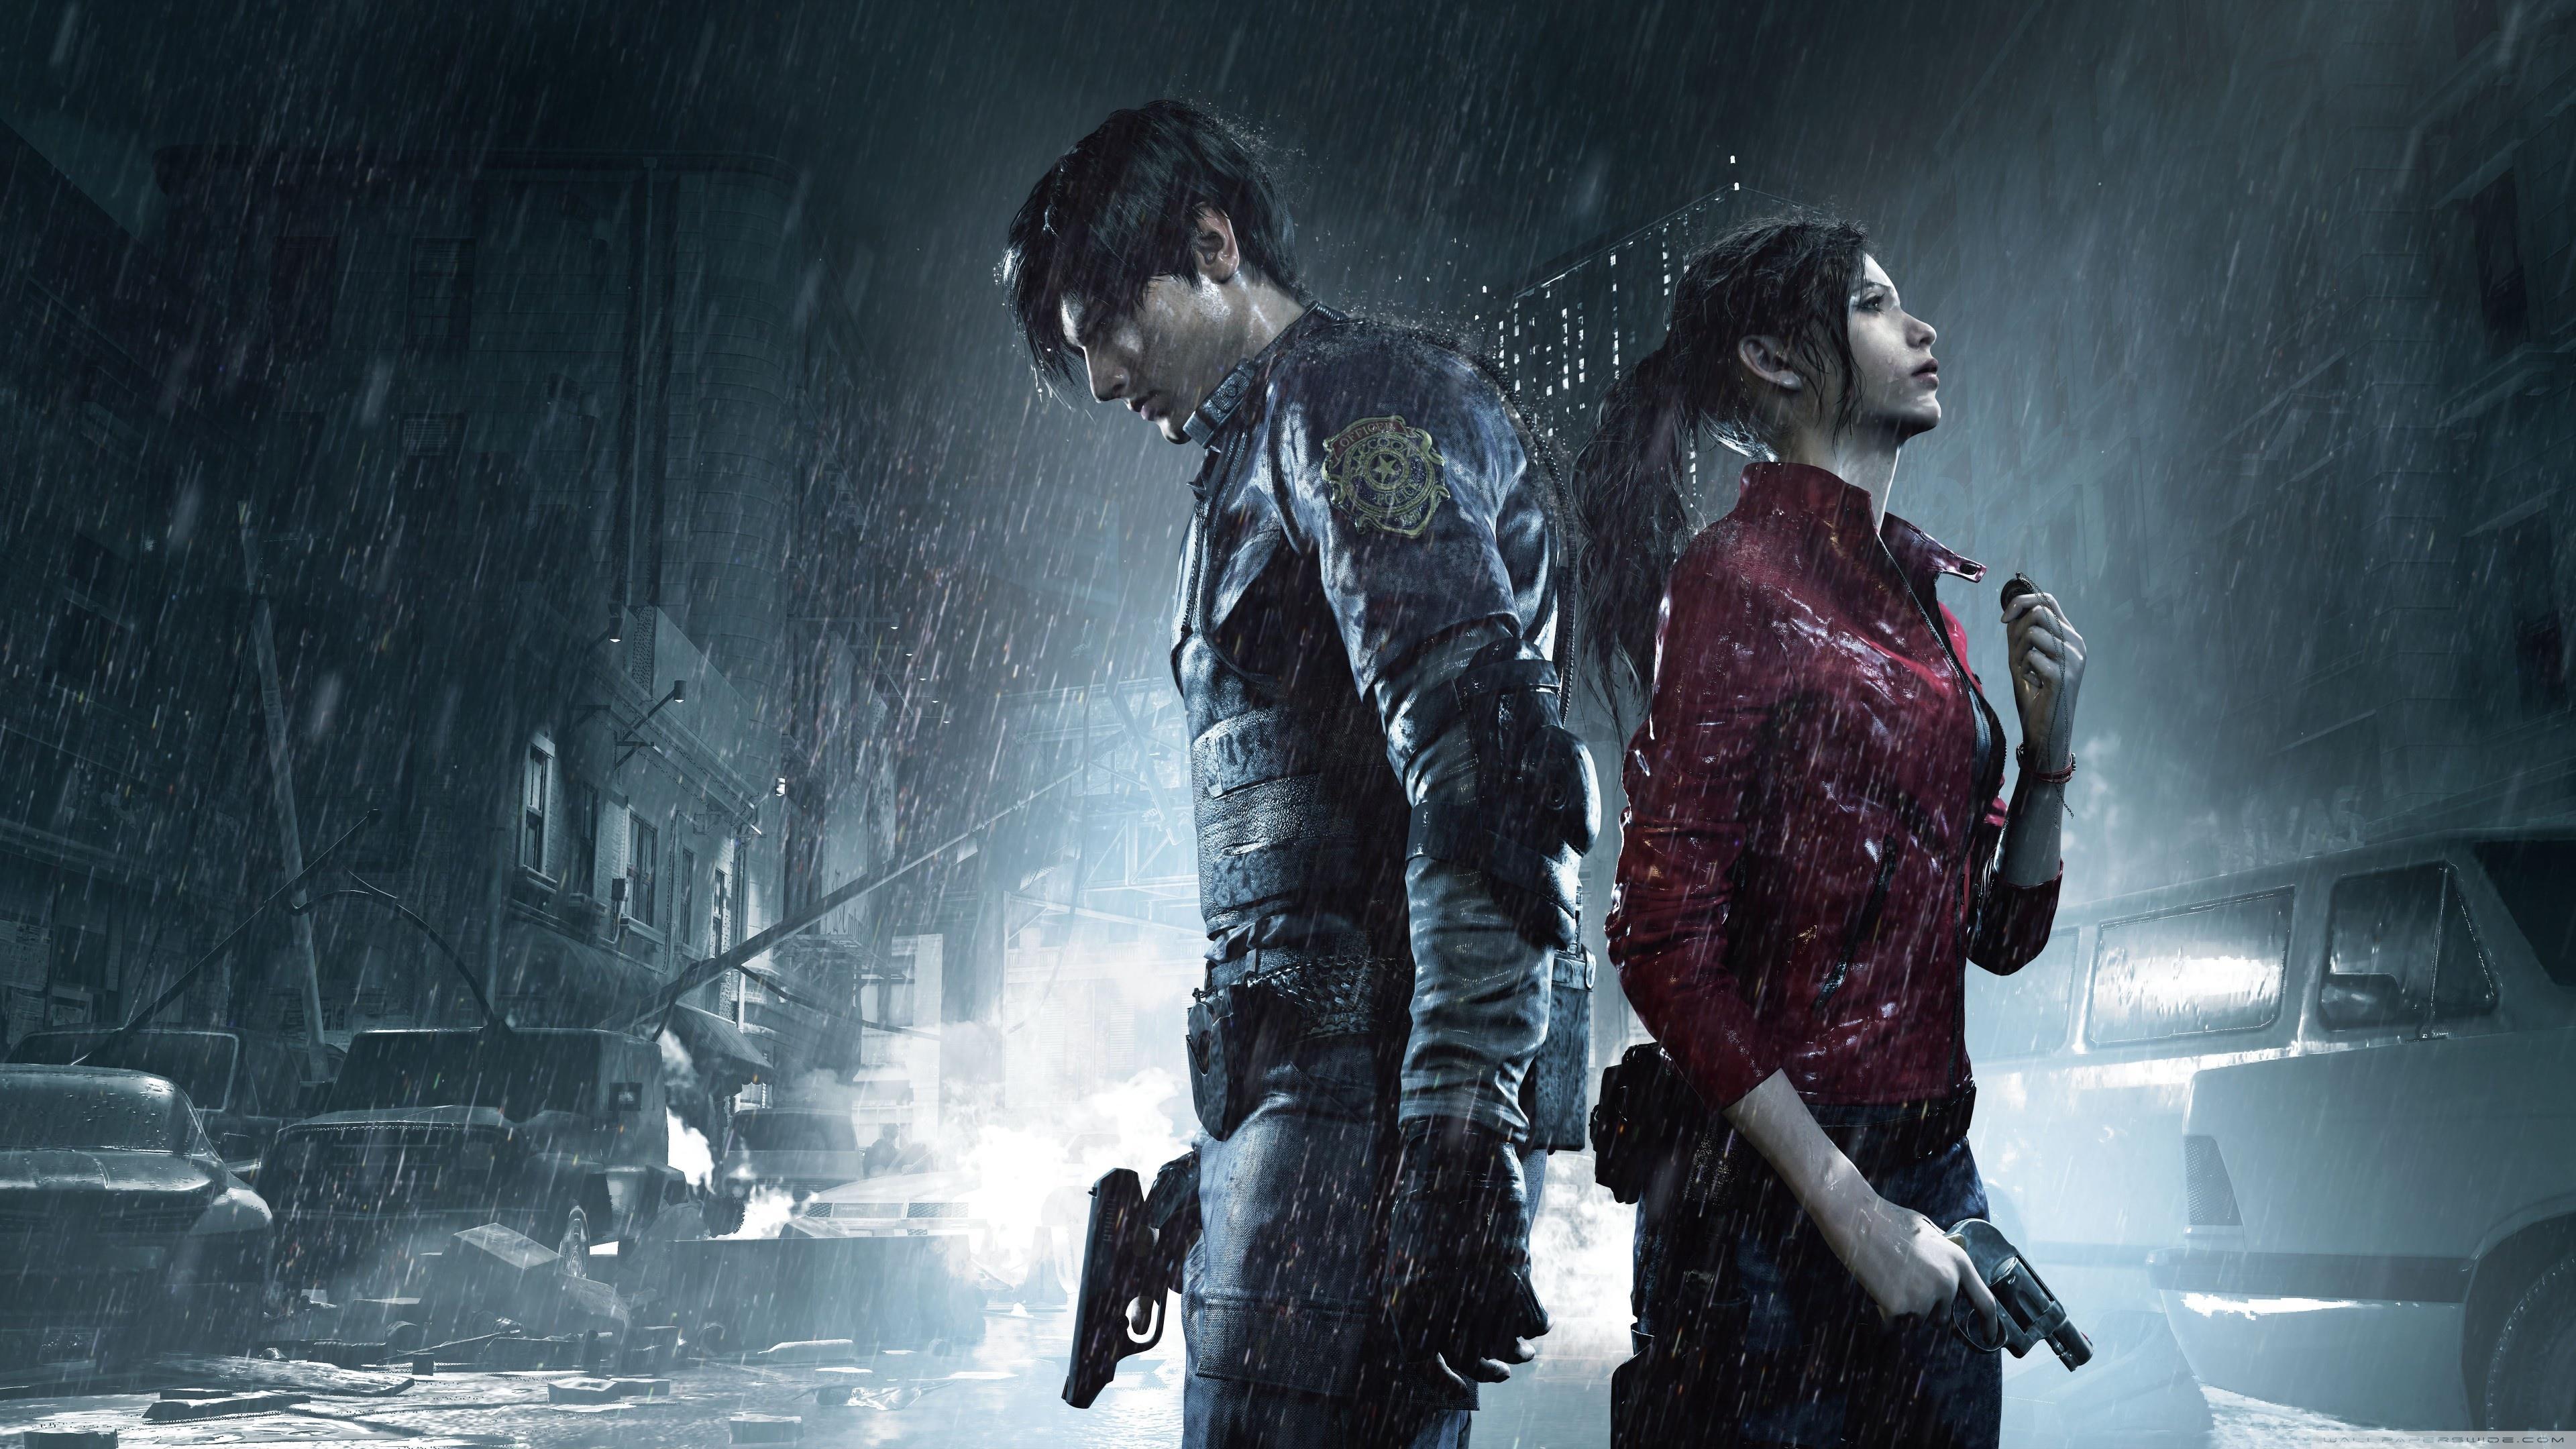 Resident Evil's cinematic reboot arrives this September